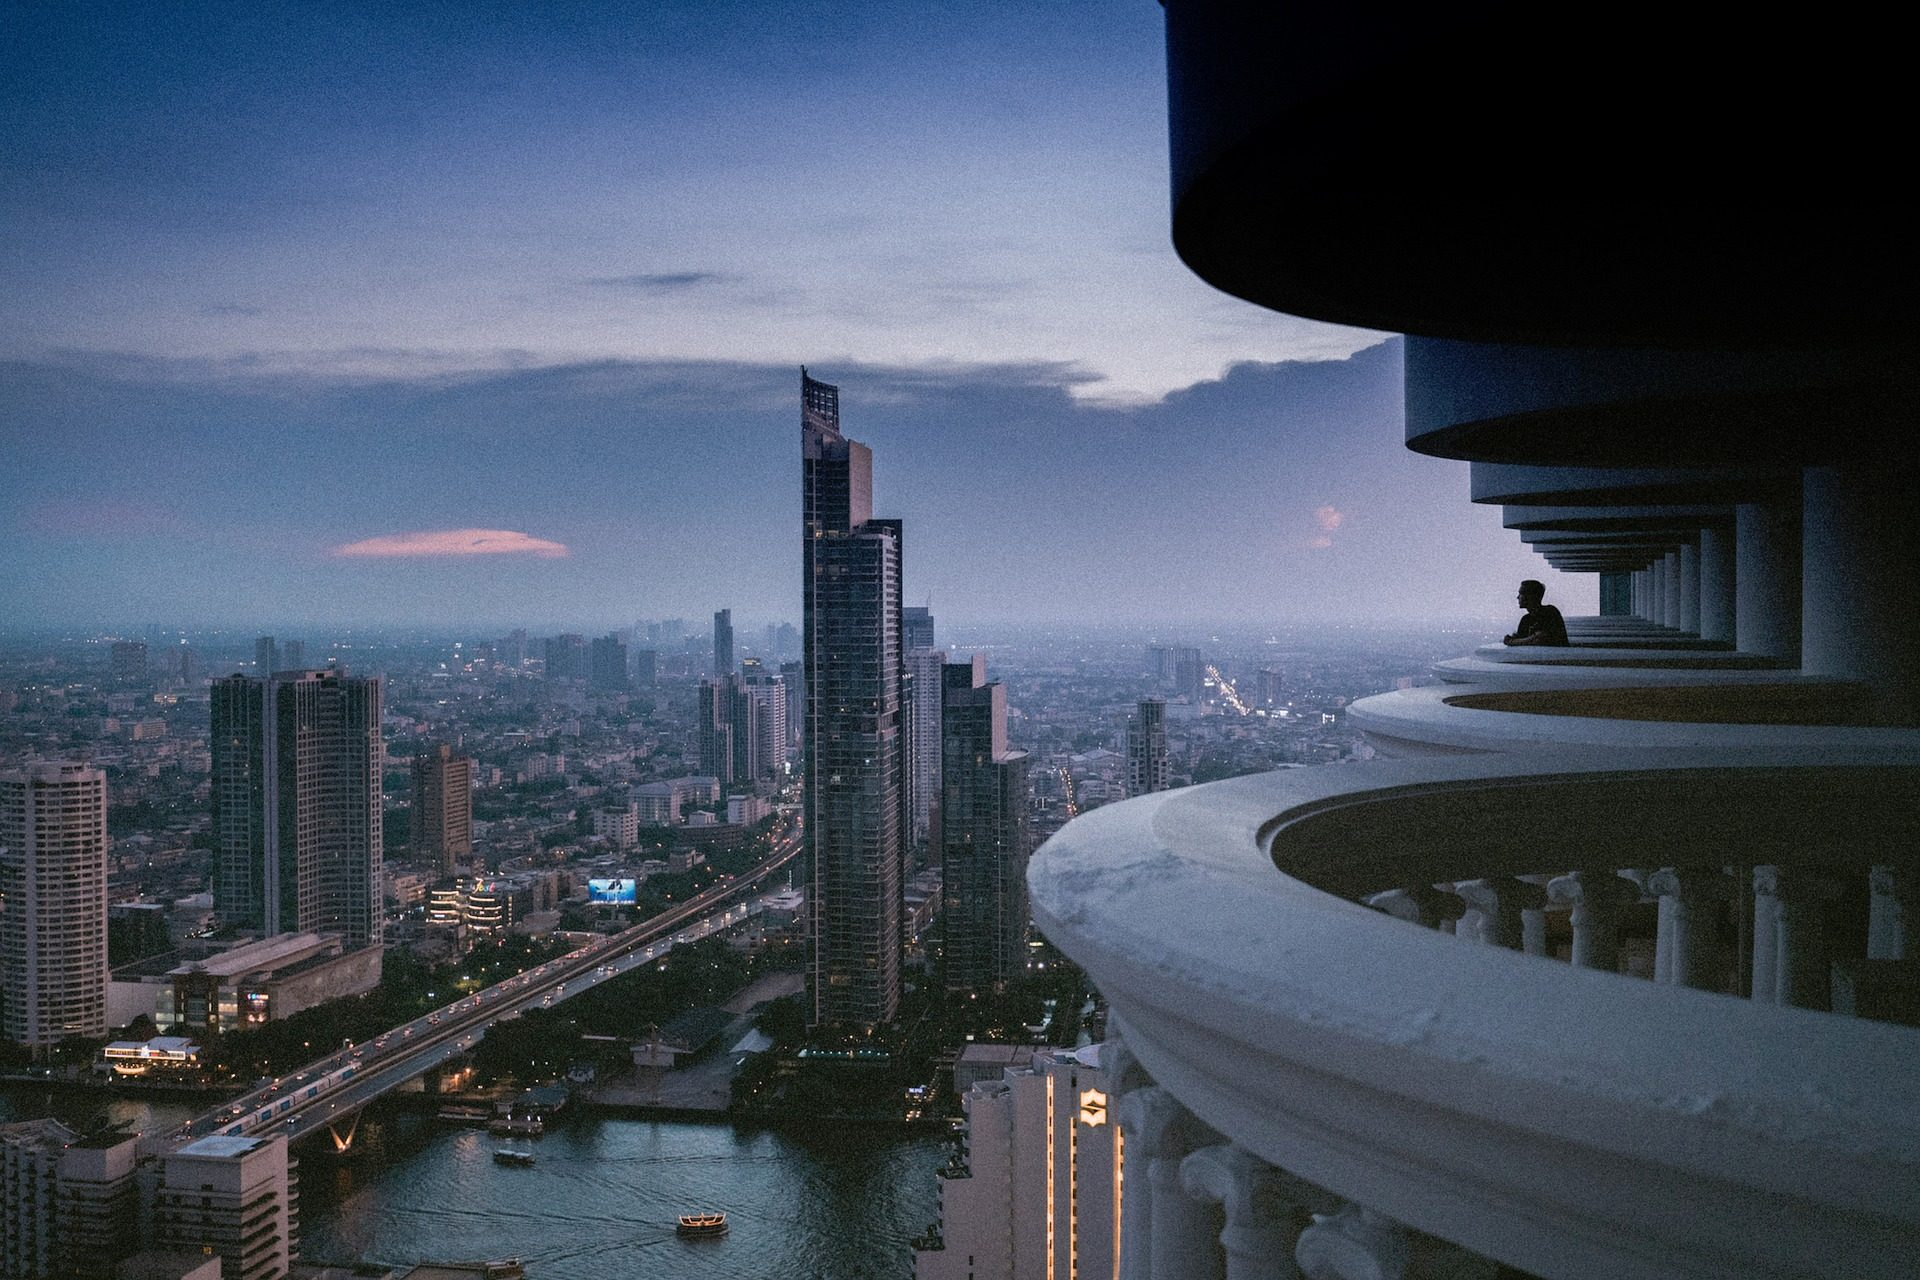 城市, 视图, 高地, 建筑, 摩天大楼 - 高清壁纸 - 教授-falken.com